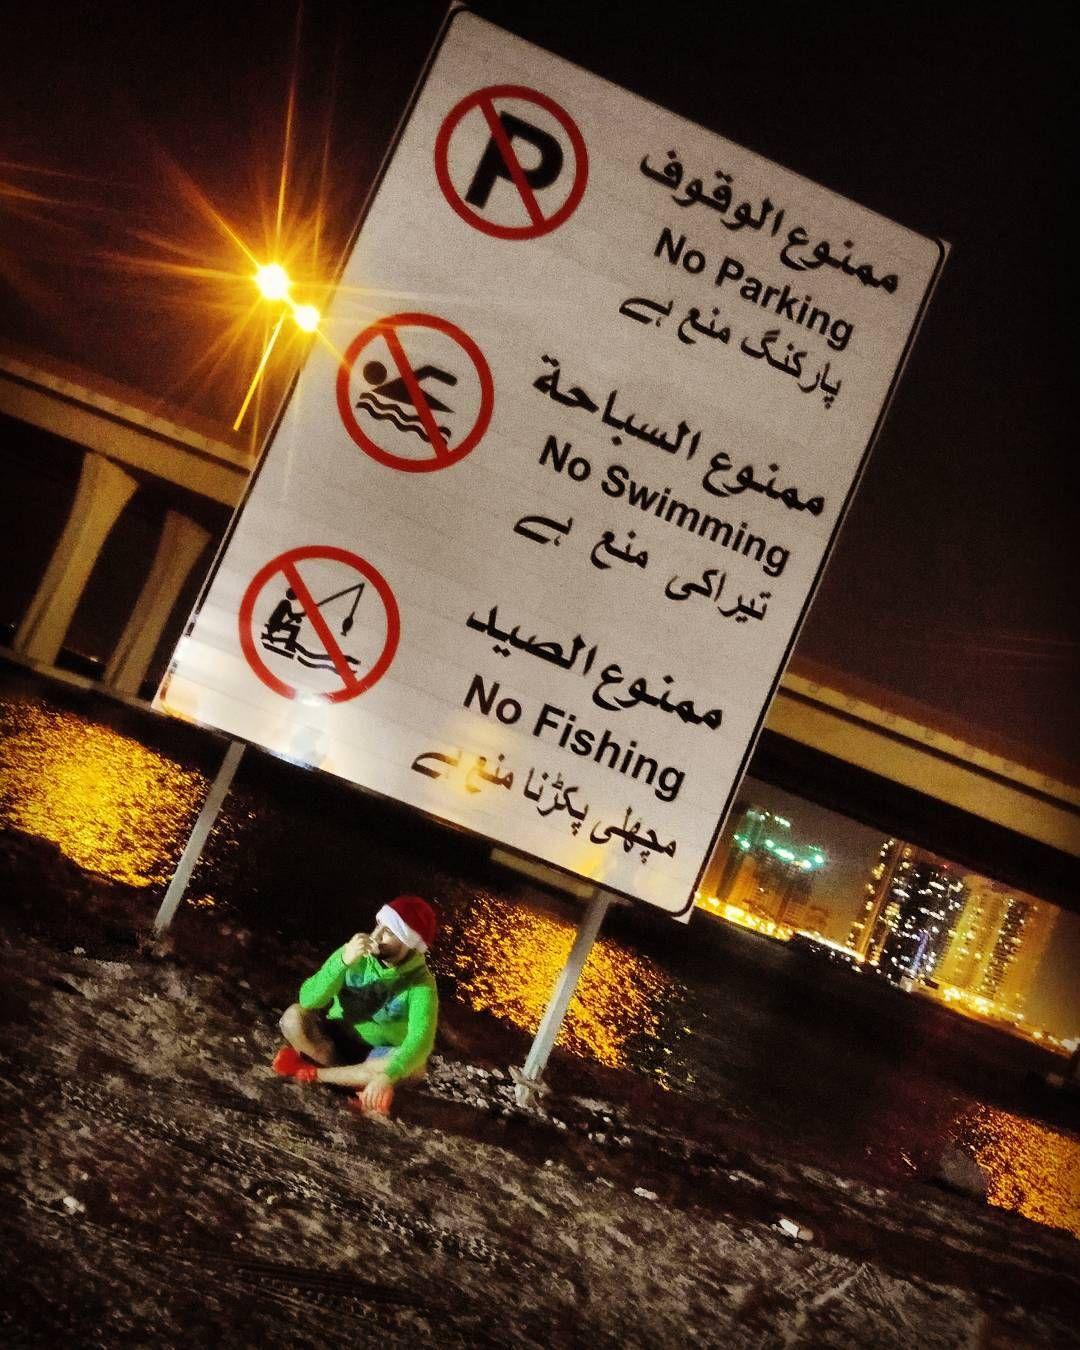 Firas Hijjawi فراس حجاوي On Instagram No Parking No Swimming No Fishing Sitting And Having Karak Abudhabi Myabudhabi Whynot Kara Karak Fish Swimming